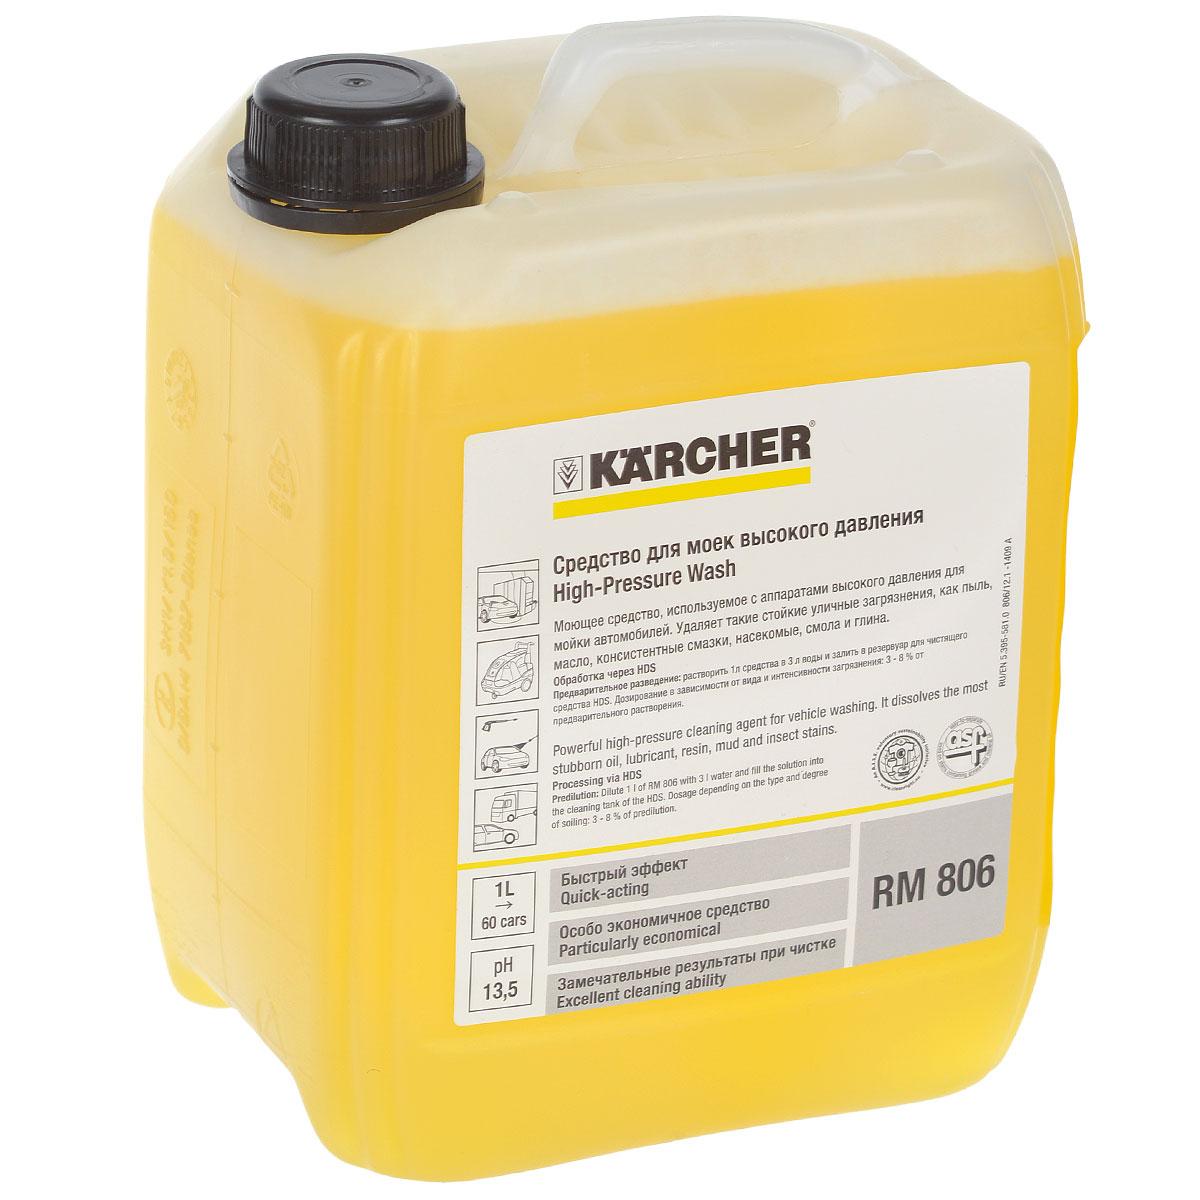 Автошампунь Karcher High-Pressure Wash для моек высокого давления 5л 6.295-504.06.295-504.0Автошампунь Karcher High-Pressure Wash - это концентрированное чистящее средство, которое удаляет любые стойкие загрязнения, такие как:- уличная пыль,- масло,- консистентные смазки,- следы насекомых,- смола,- глина. Моющее средство используется с аппаратами высокого давления для мойки автомобилей.1 л средства хватает для мойки 60 машин.Объем: 5 л.